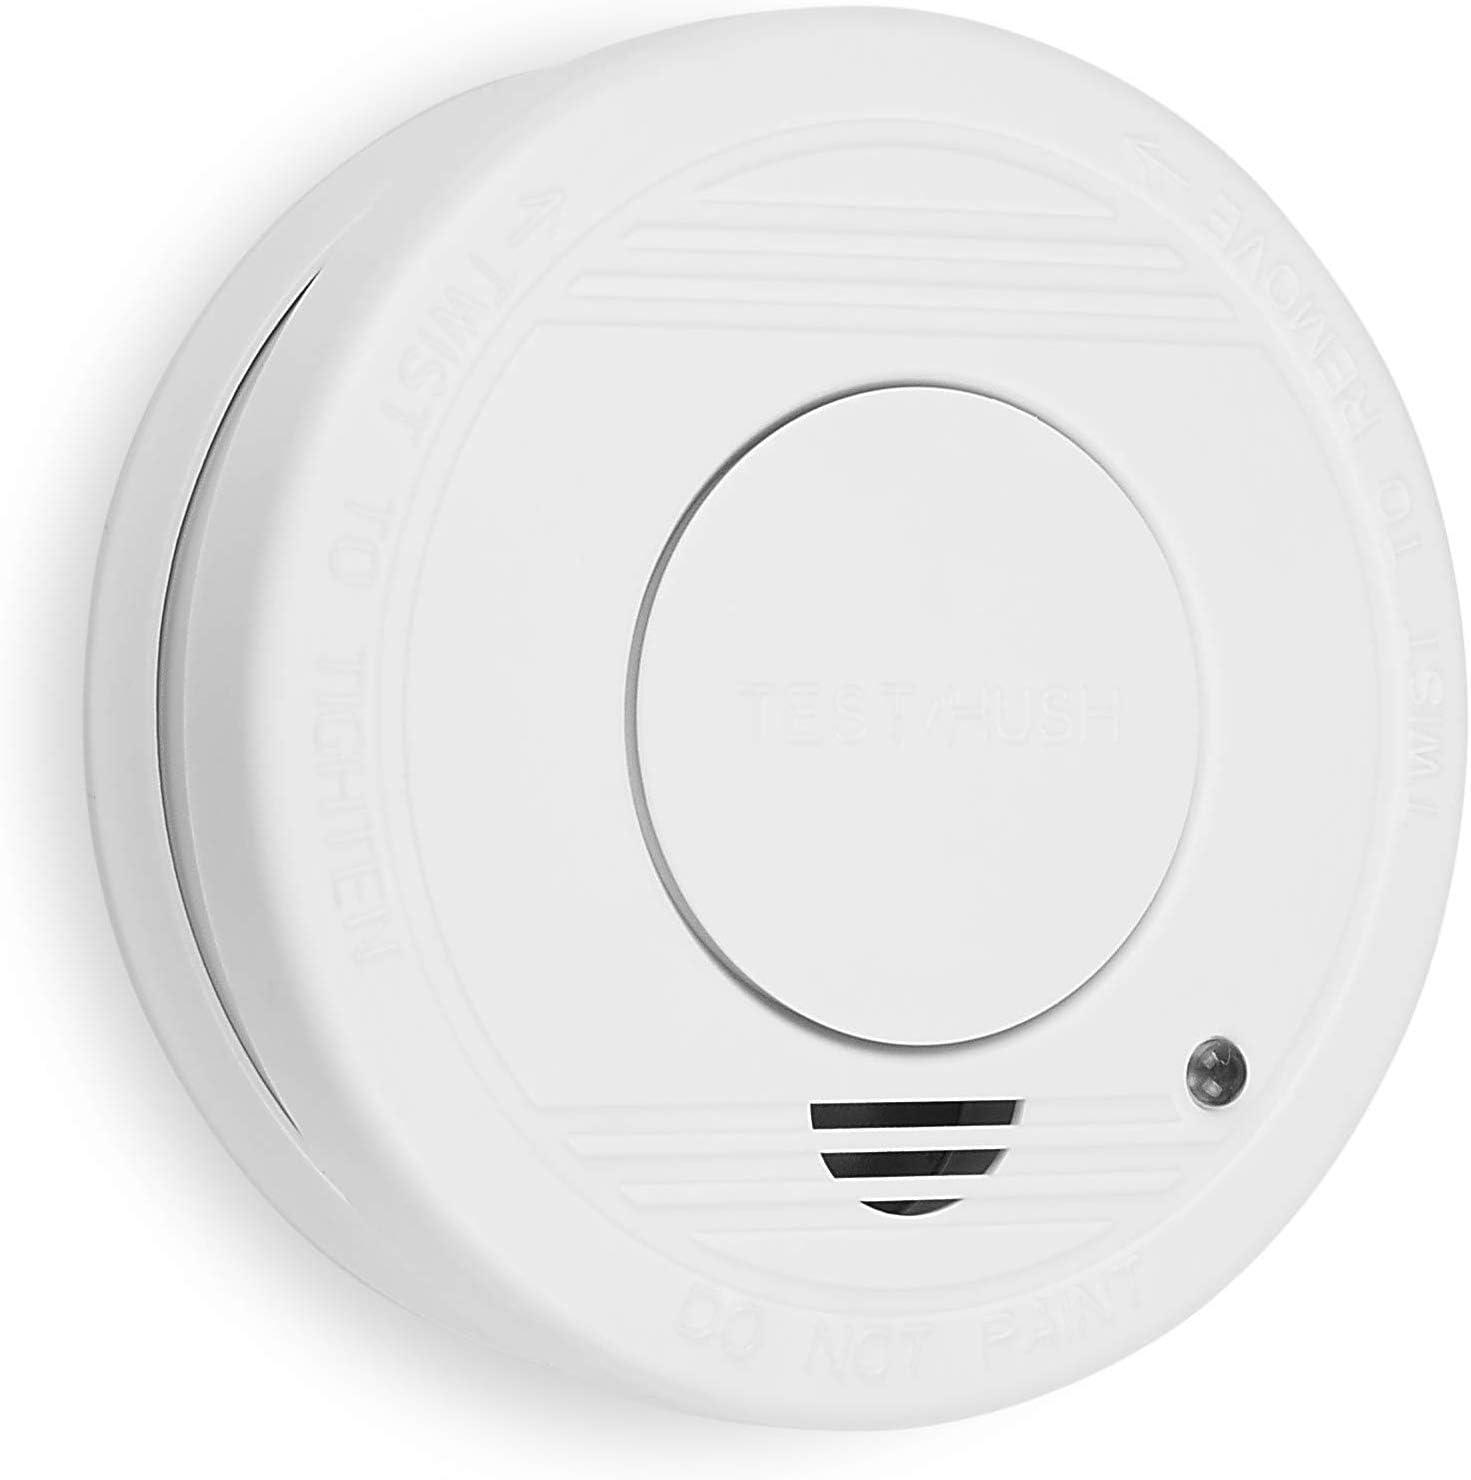 Smartwares RM250 10.044.62 Detector de humo, batería incluida, botón de prueba, 85dB